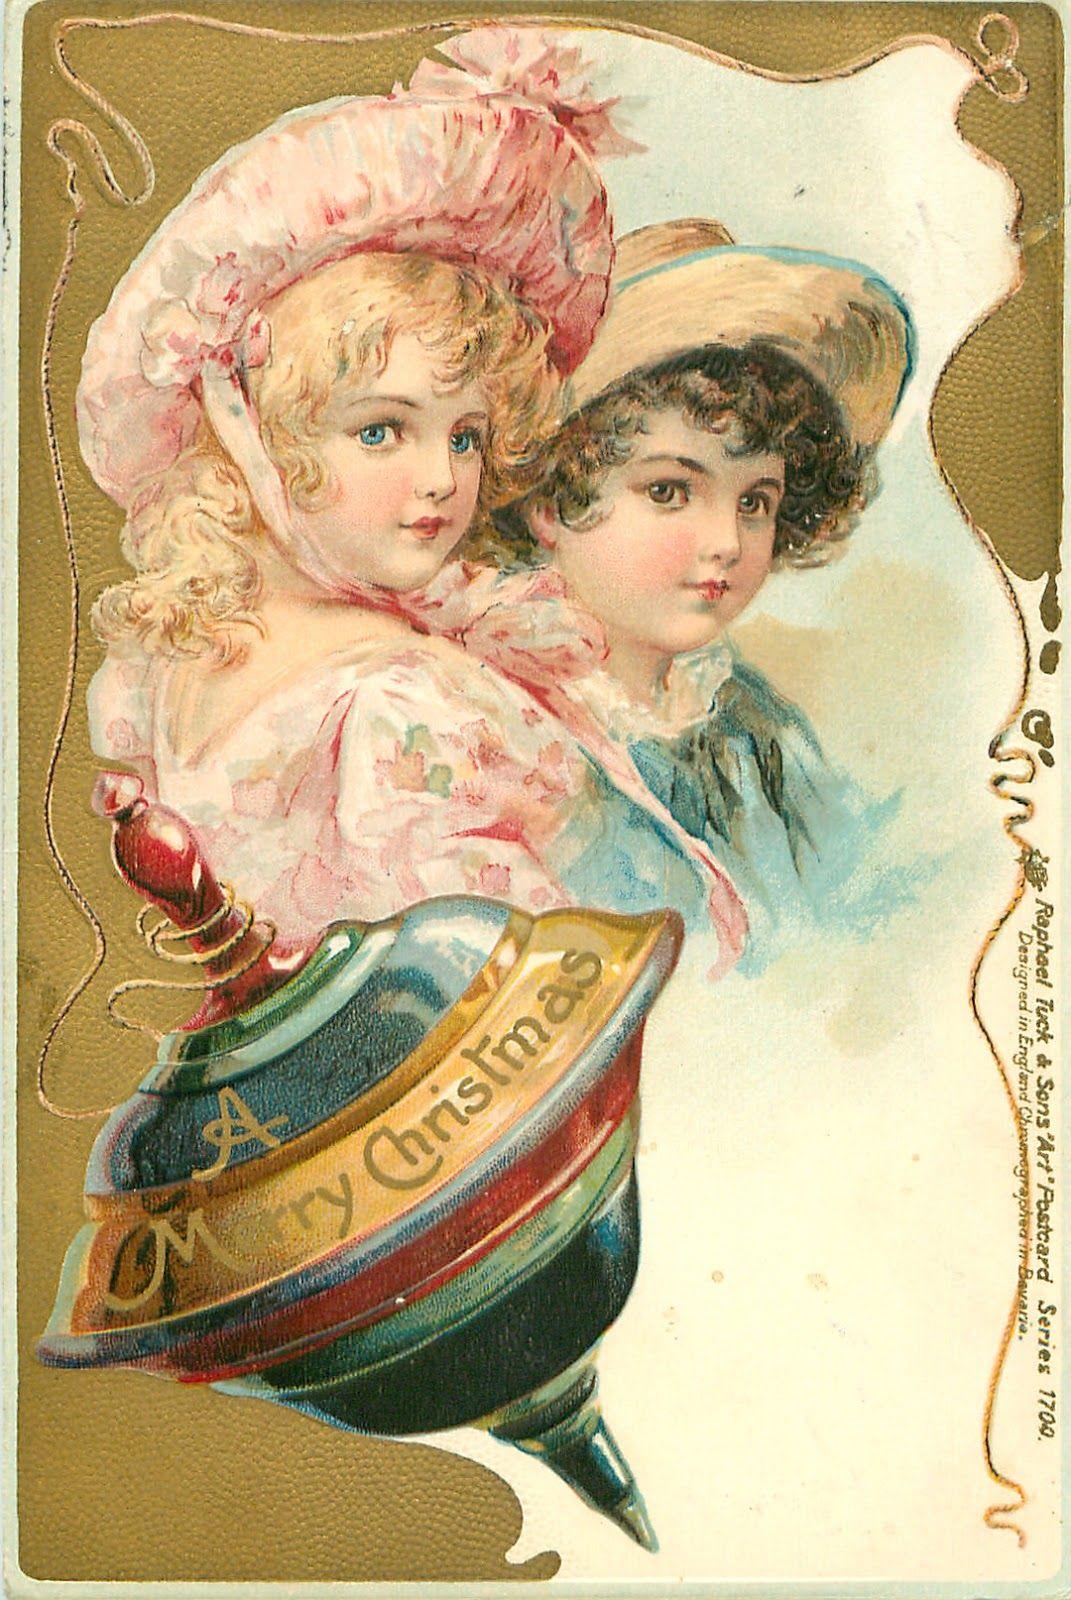 подарок конфеты ретро открытка внимание необходимо